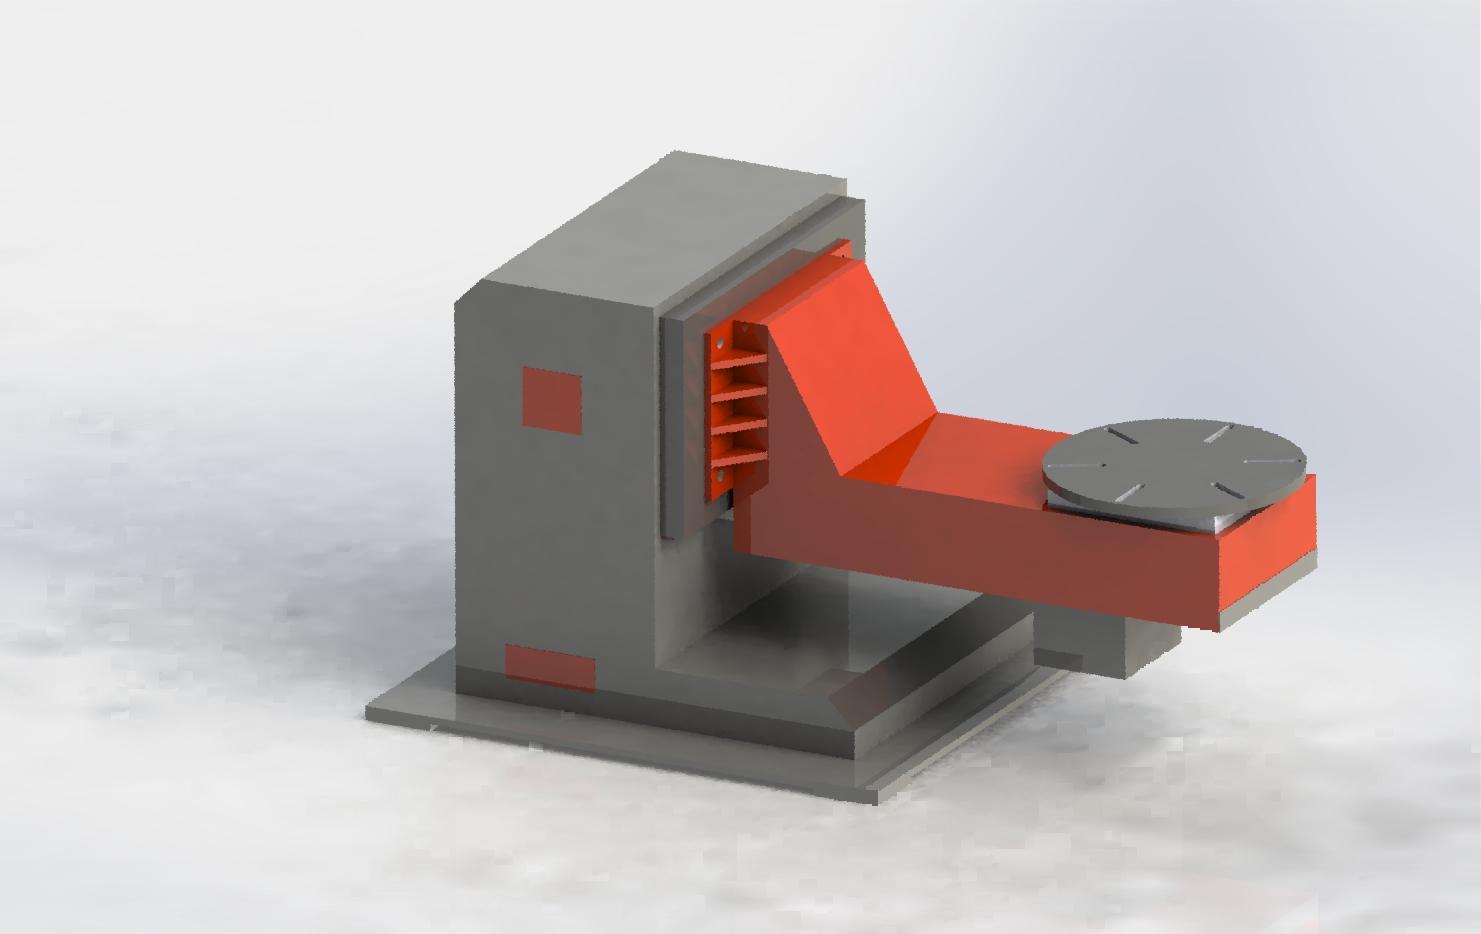 供应凯沃智造波峰焊流水线电线焊接工具二氧化碳焊接工业机器人技术培训